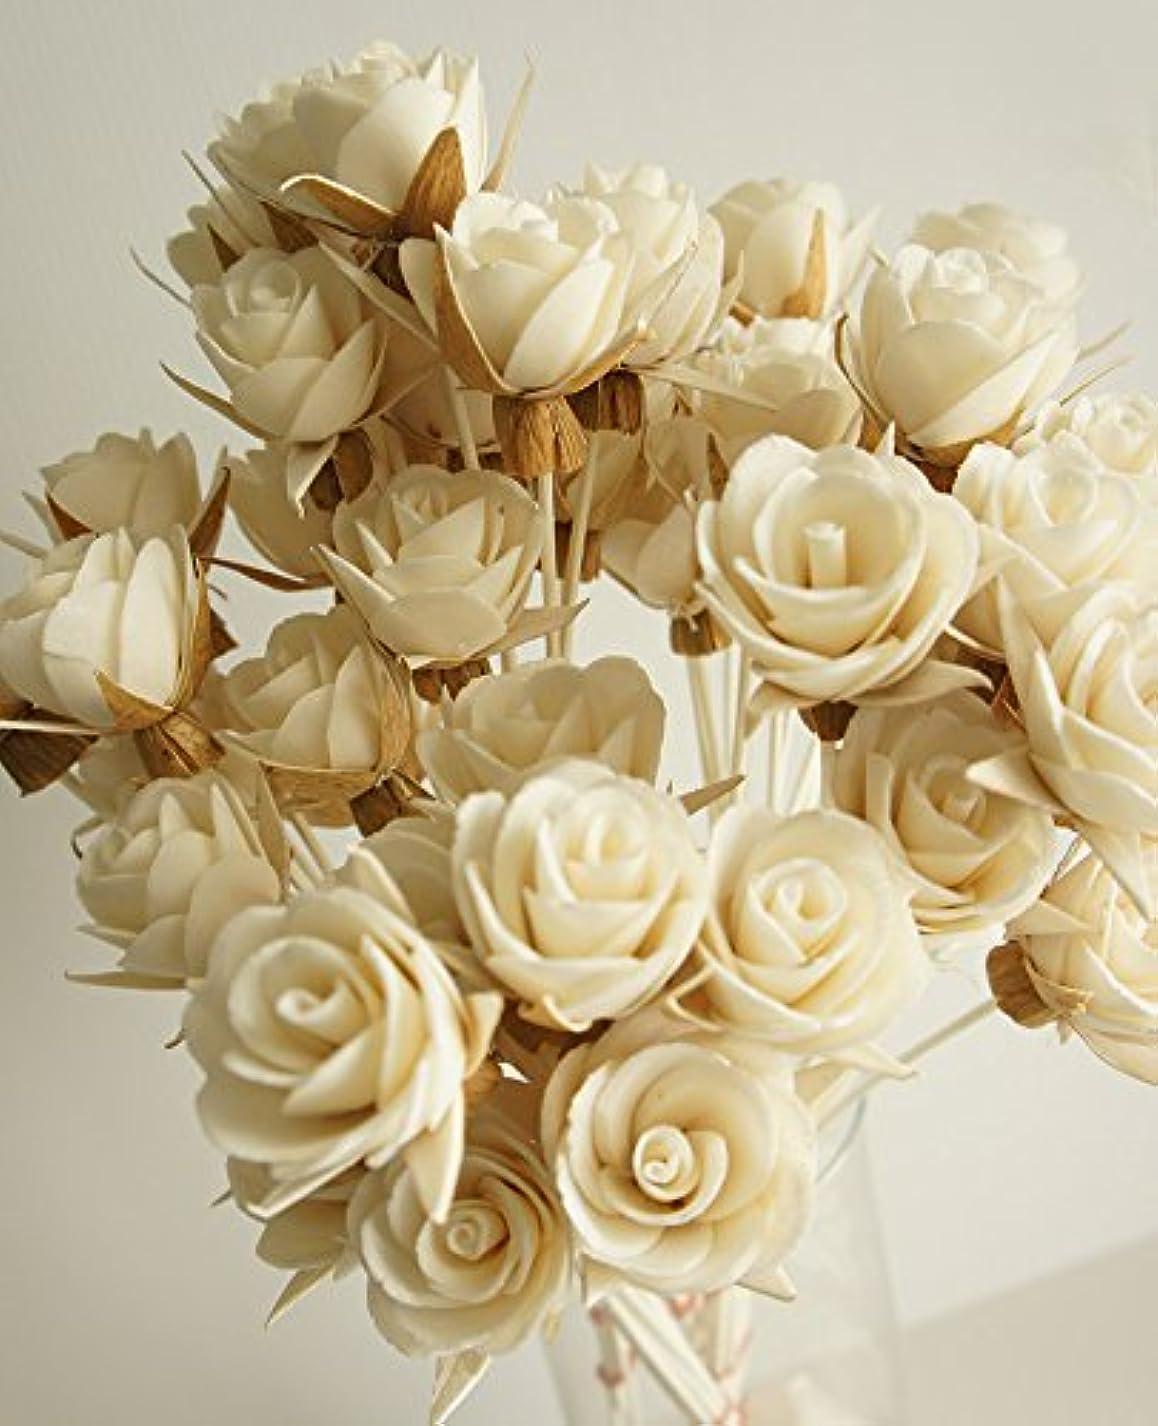 ラベ腐敗した後退するエキゾチックエレガンスのセット50ローズデザインSola Flowerスティックfor Aroma Diffuser直径1.5。」